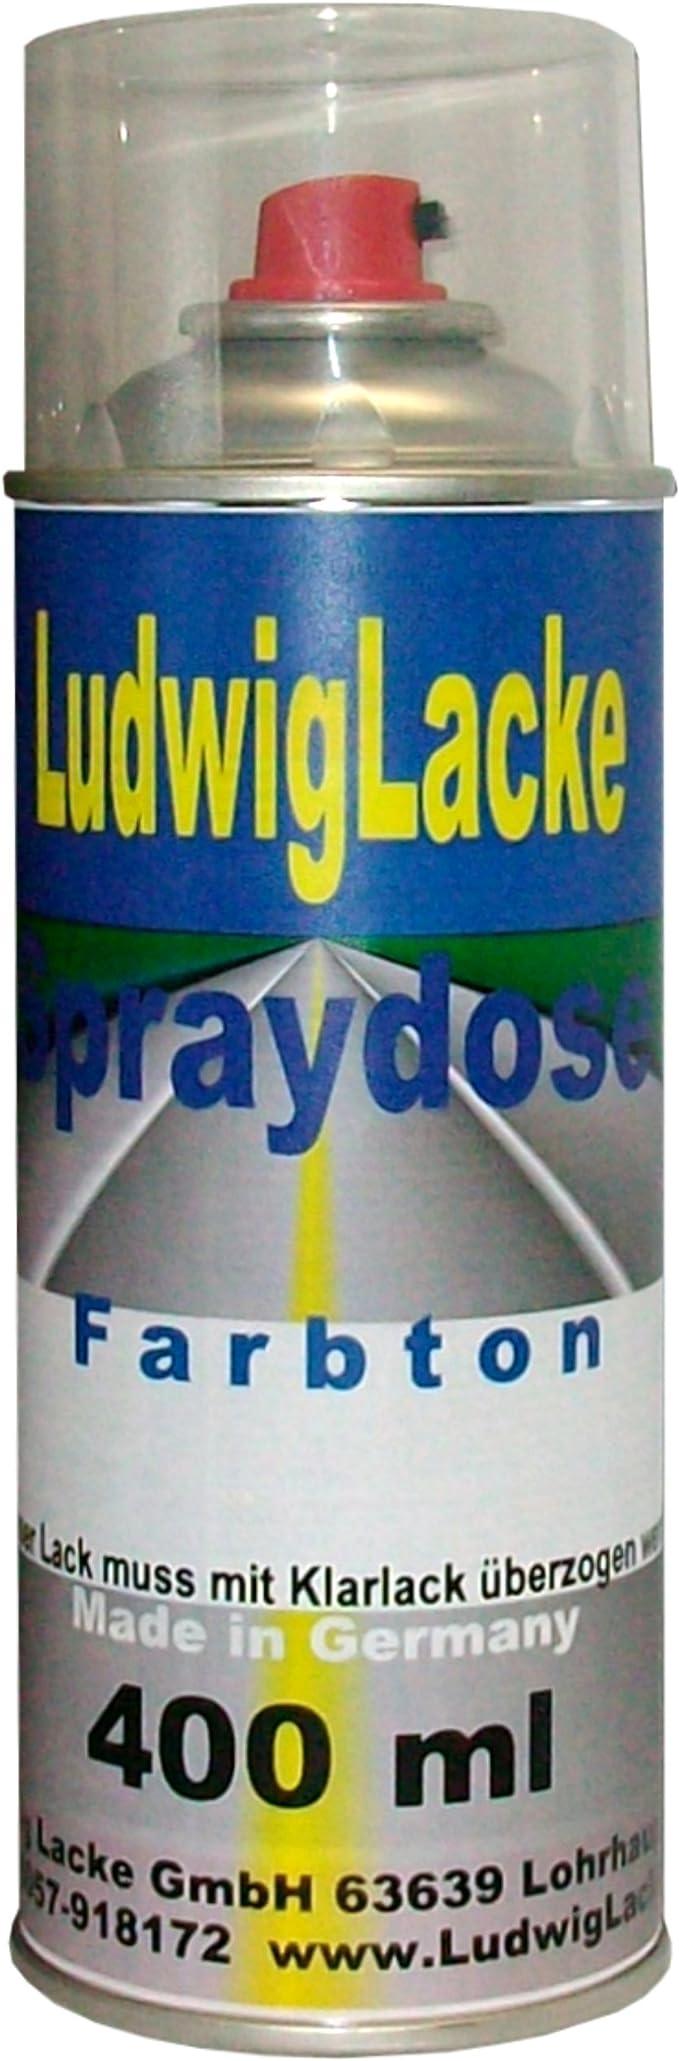 Spraydose Für Vw Deepblack Farbcode Lc9x Oder 2t Baujahr 2004 2007 Perleffekt Lack Eine Spraydose Basislack 400 Ml 1k Autolack Auto